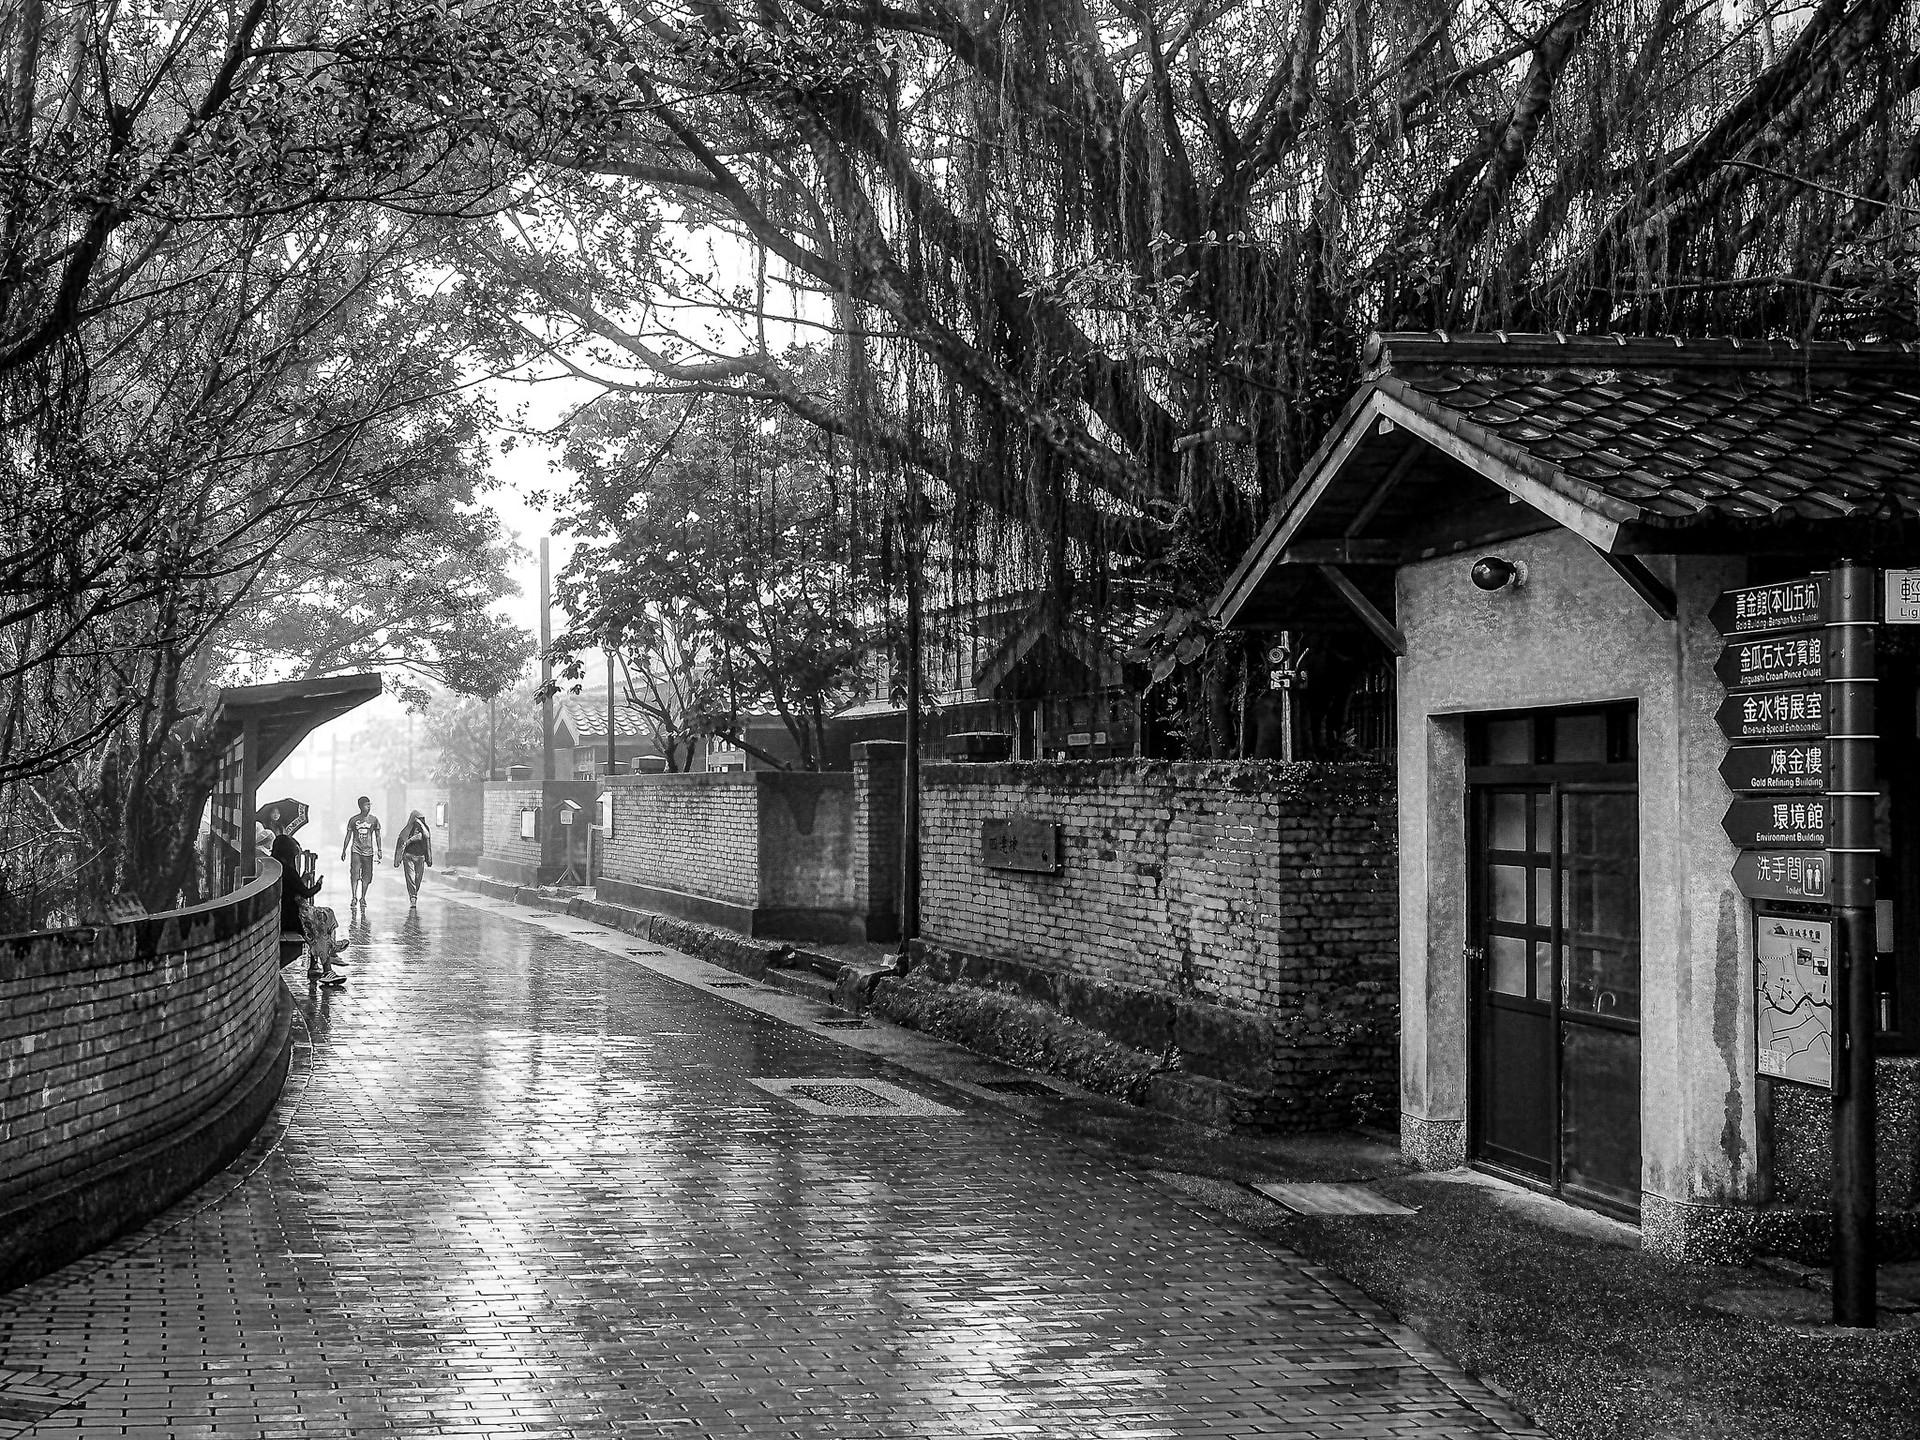 Le poids de la pluie / The weight of rain